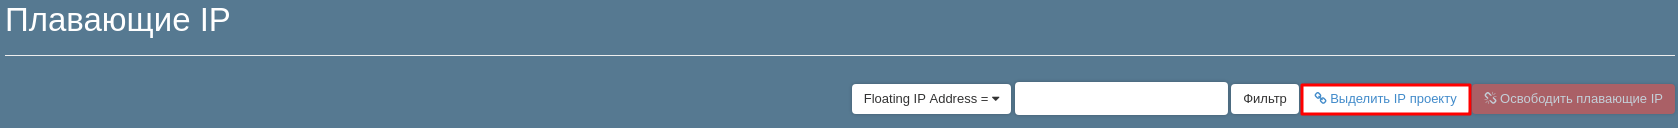 Как подключить плавающий IP